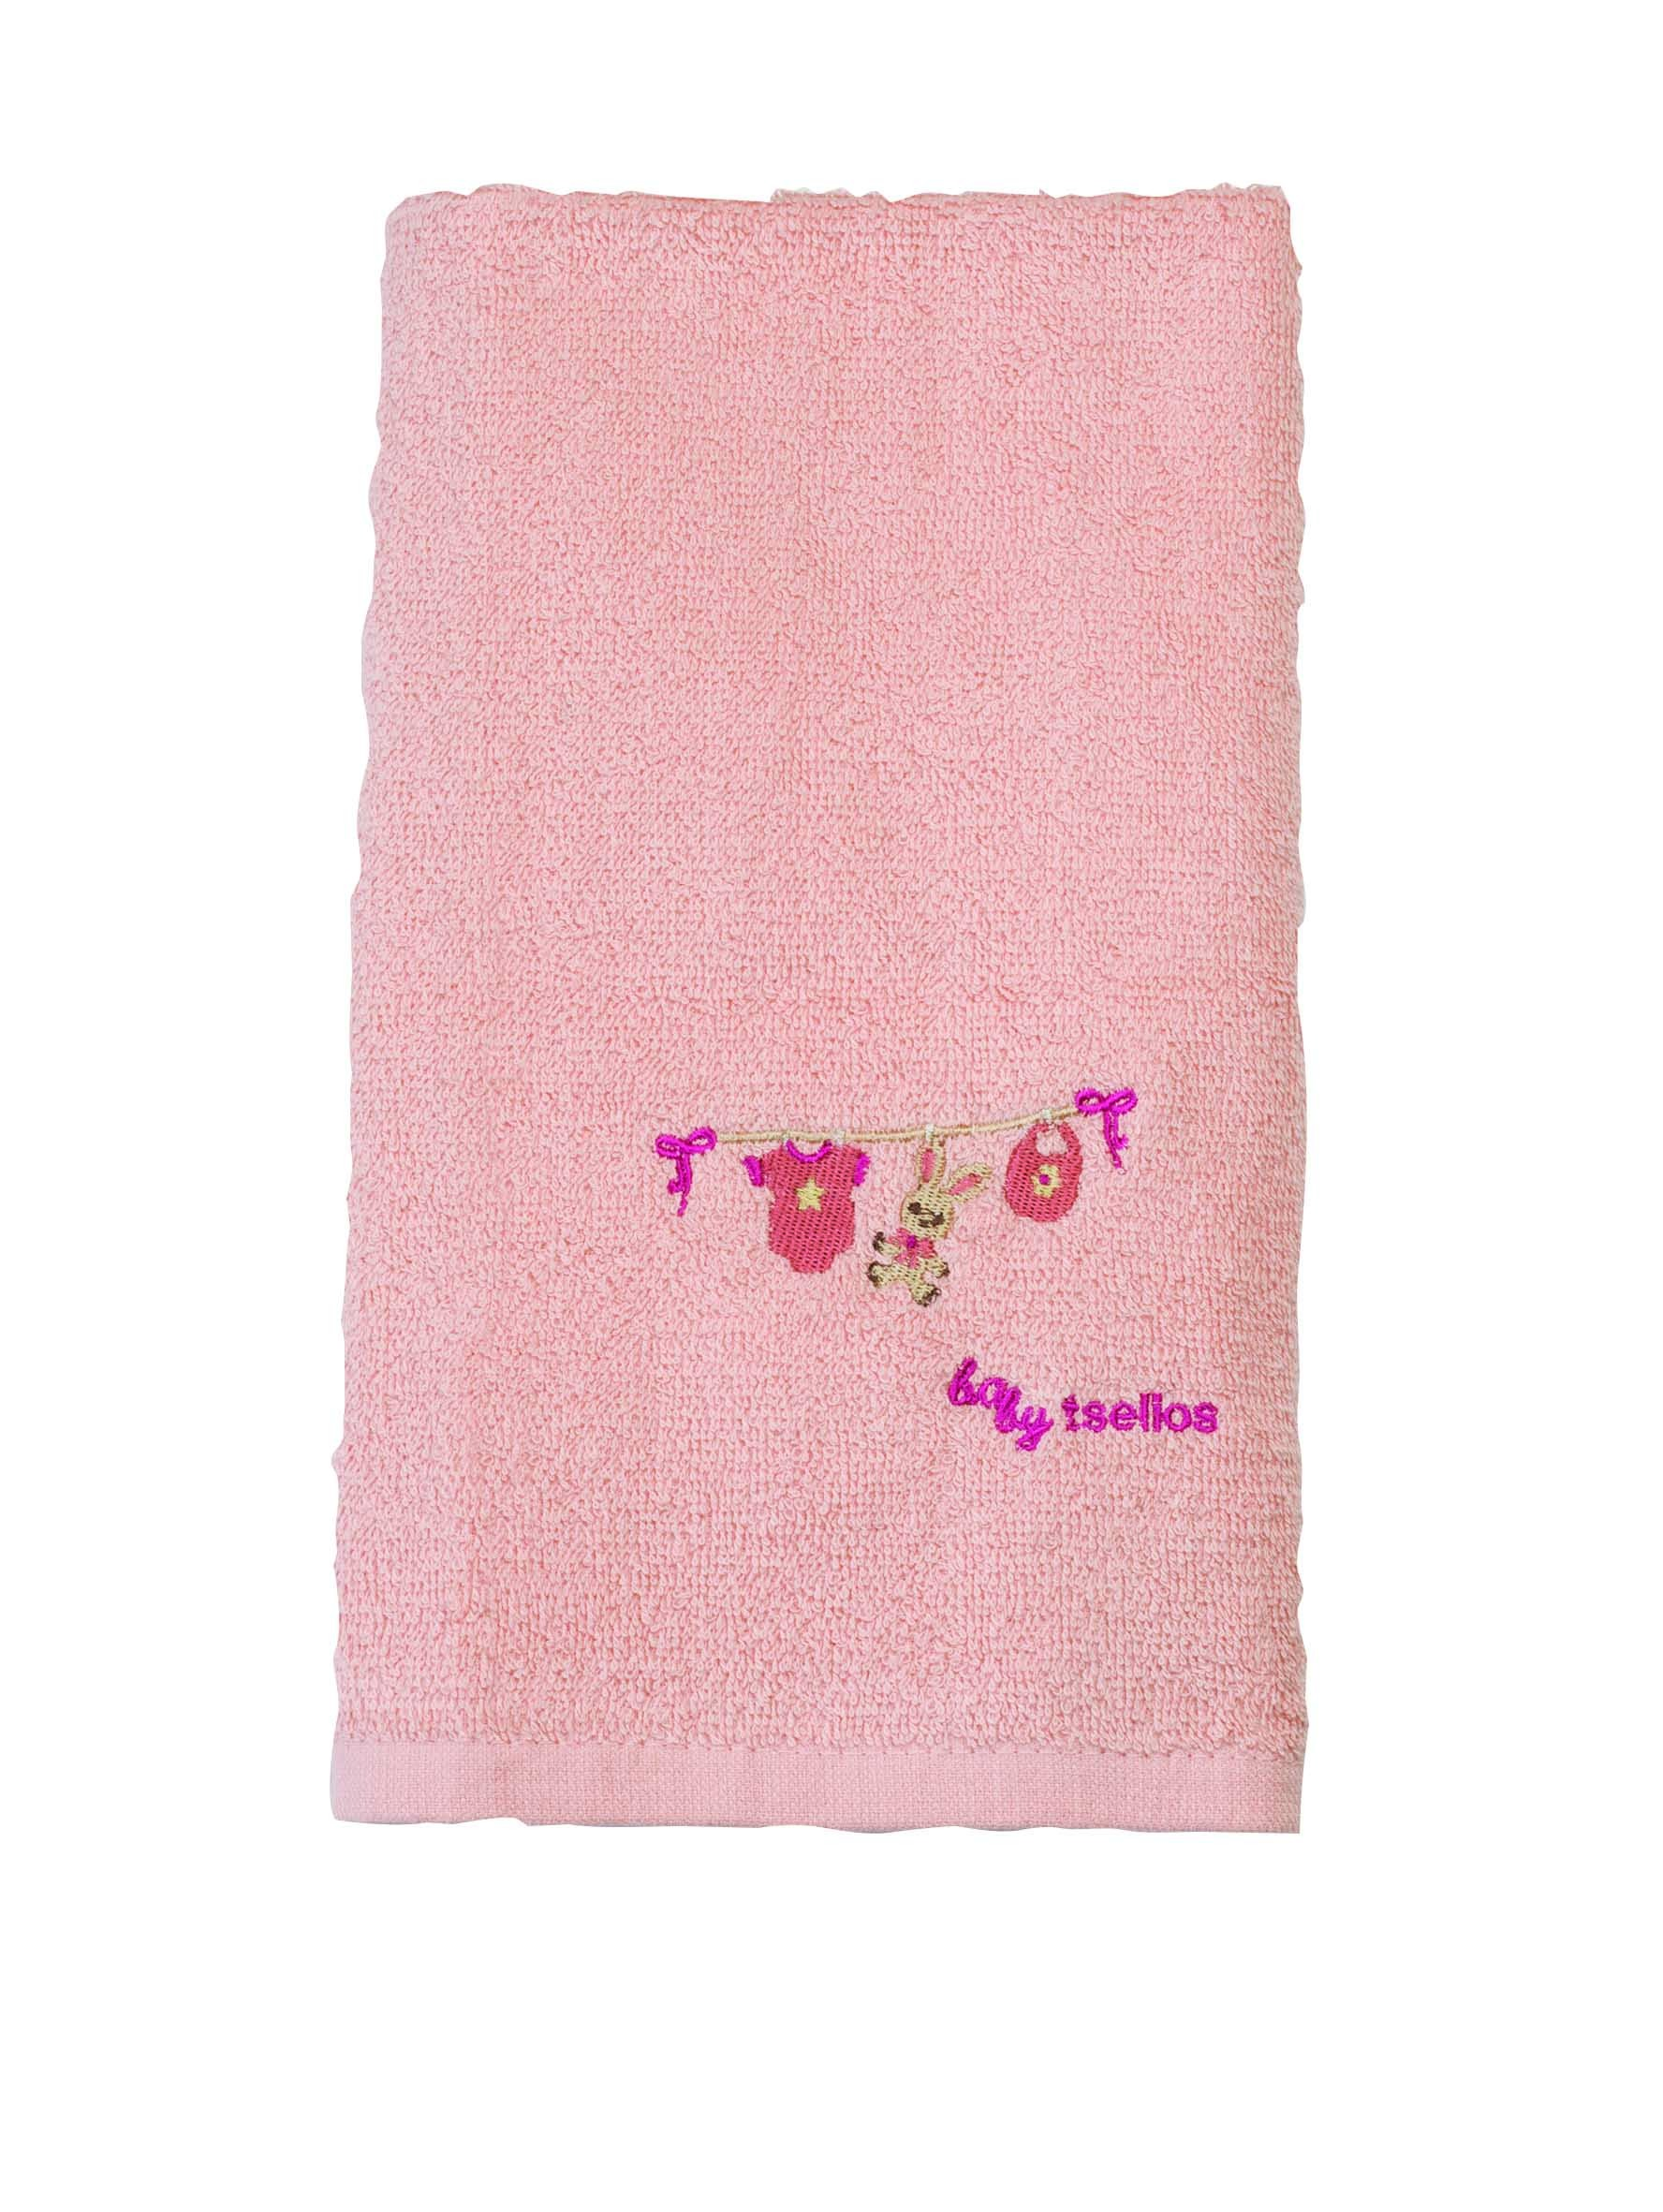 Βρεφικές Πετσέτες (Σετ 2τμχ) Makis Tselios Baby Clothes Pink home   βρεφικά   πετσέτες βρεφικές